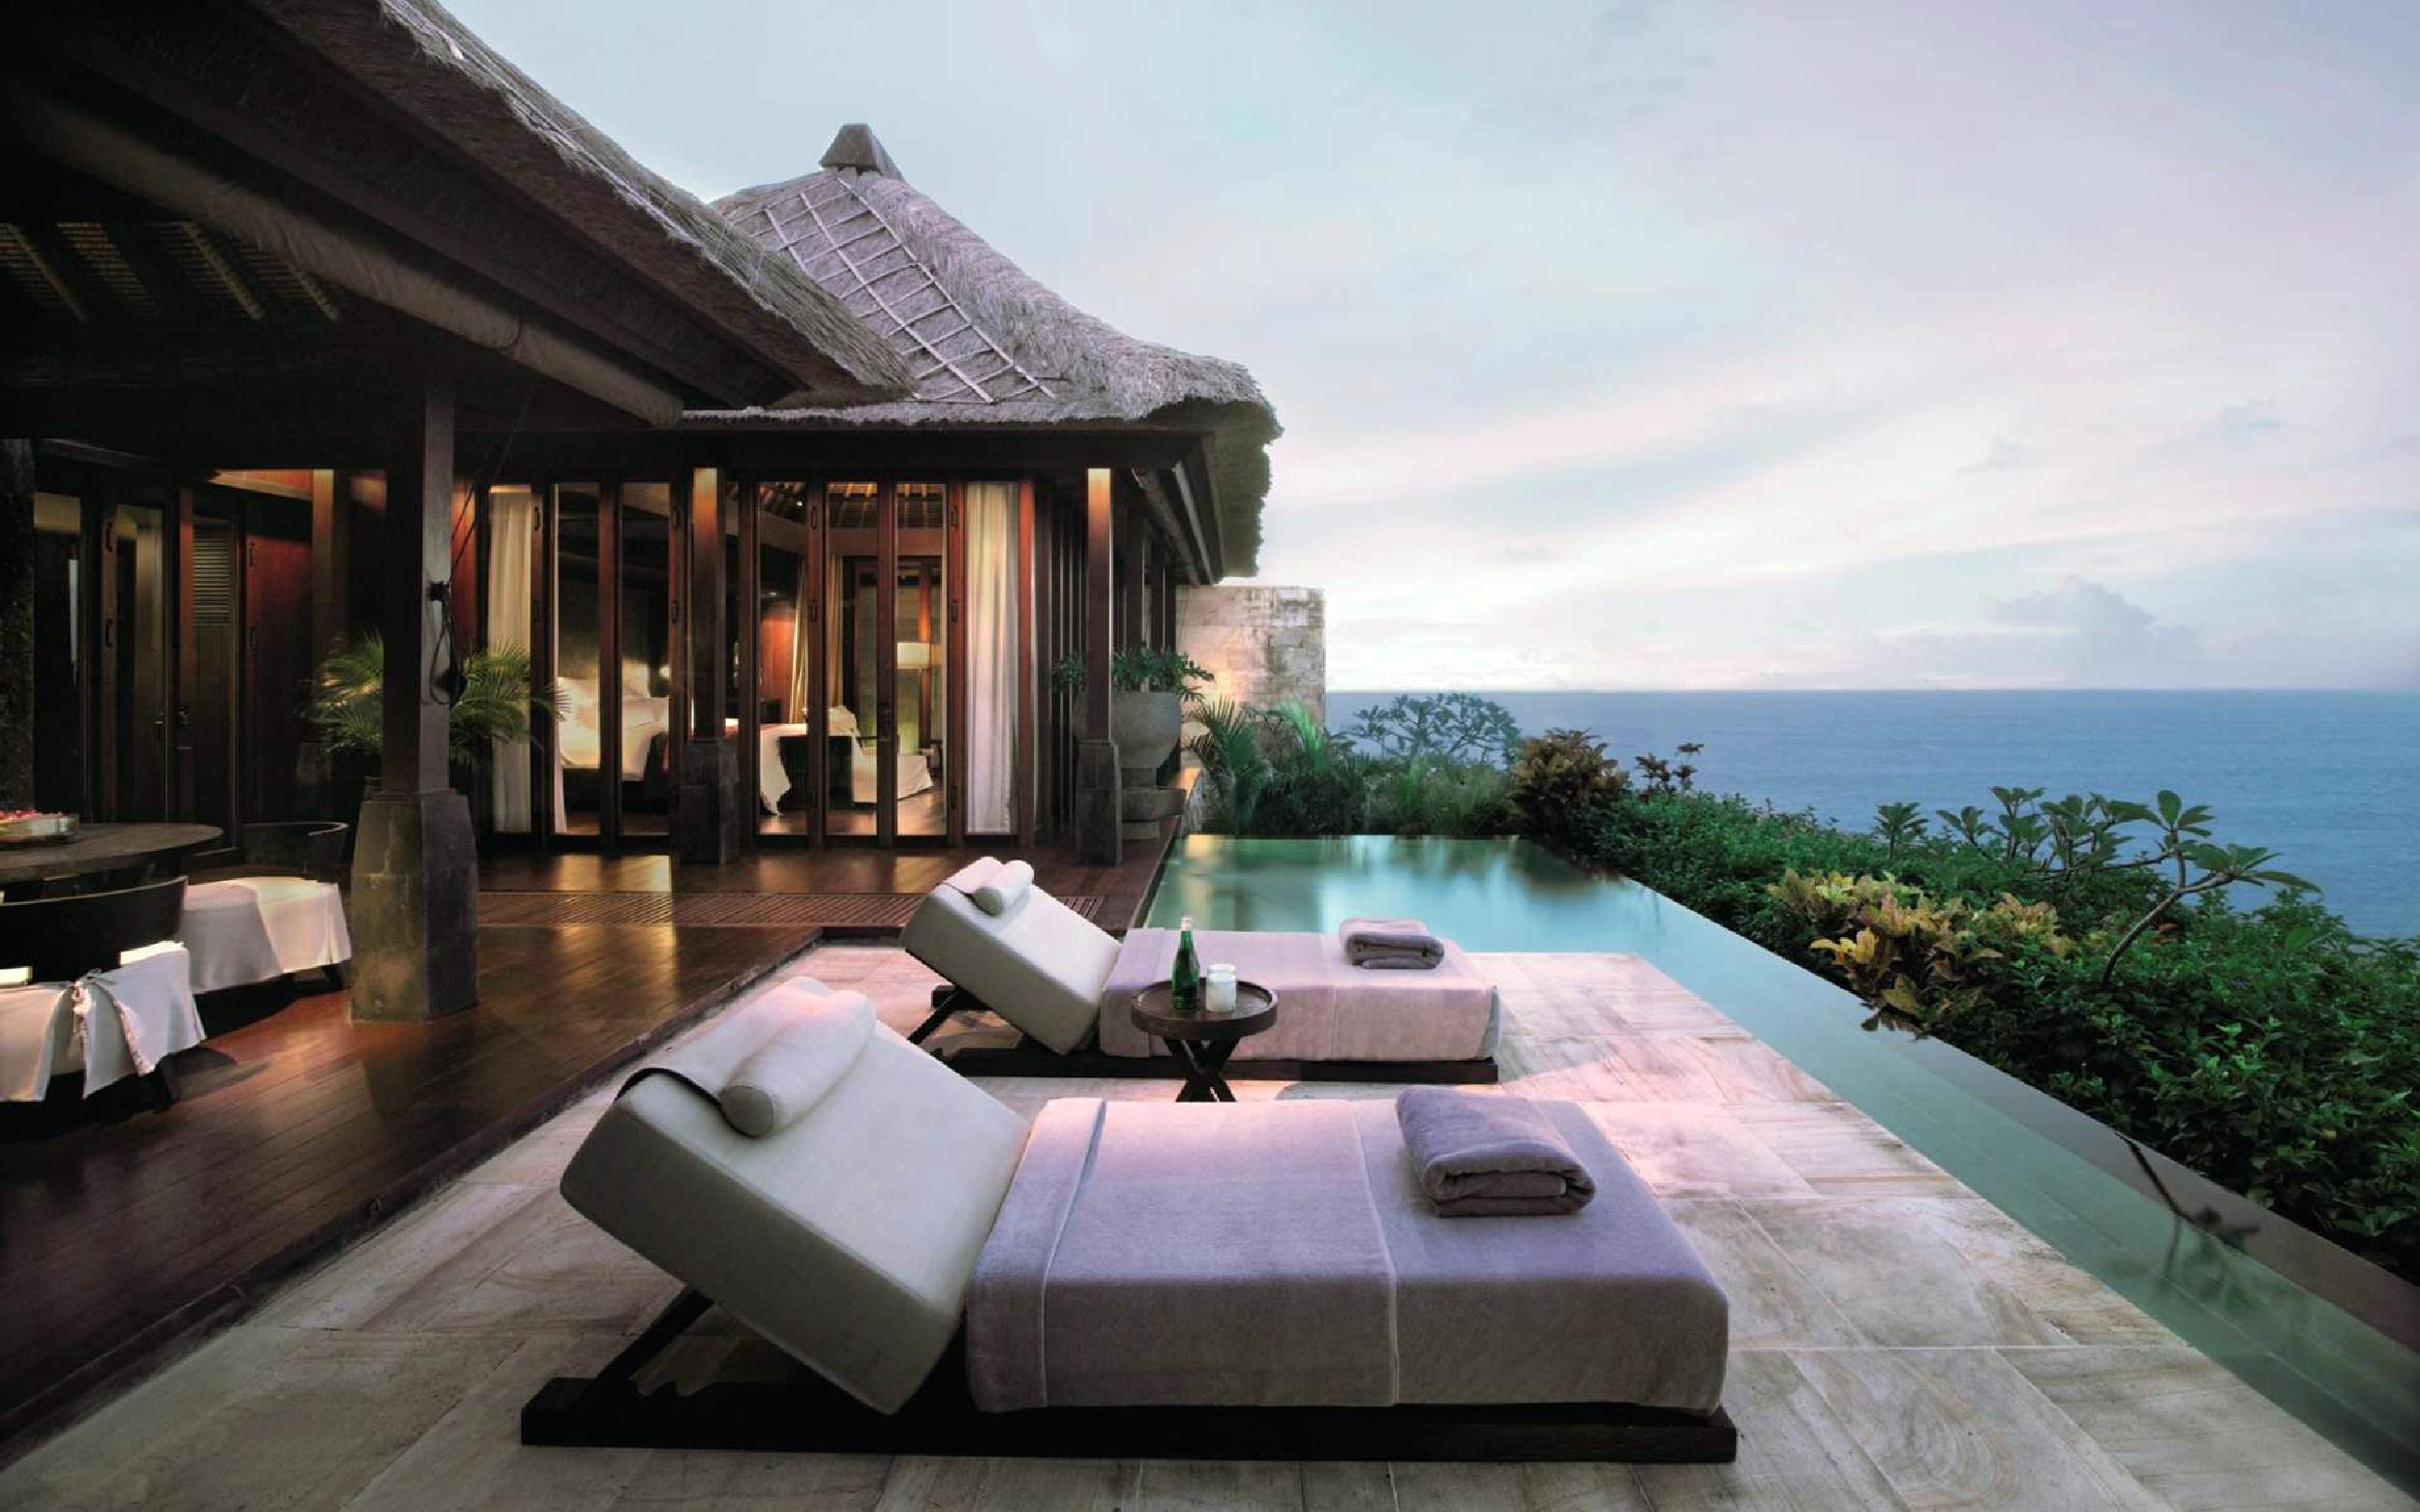 Bali_03_FINAL.jpg